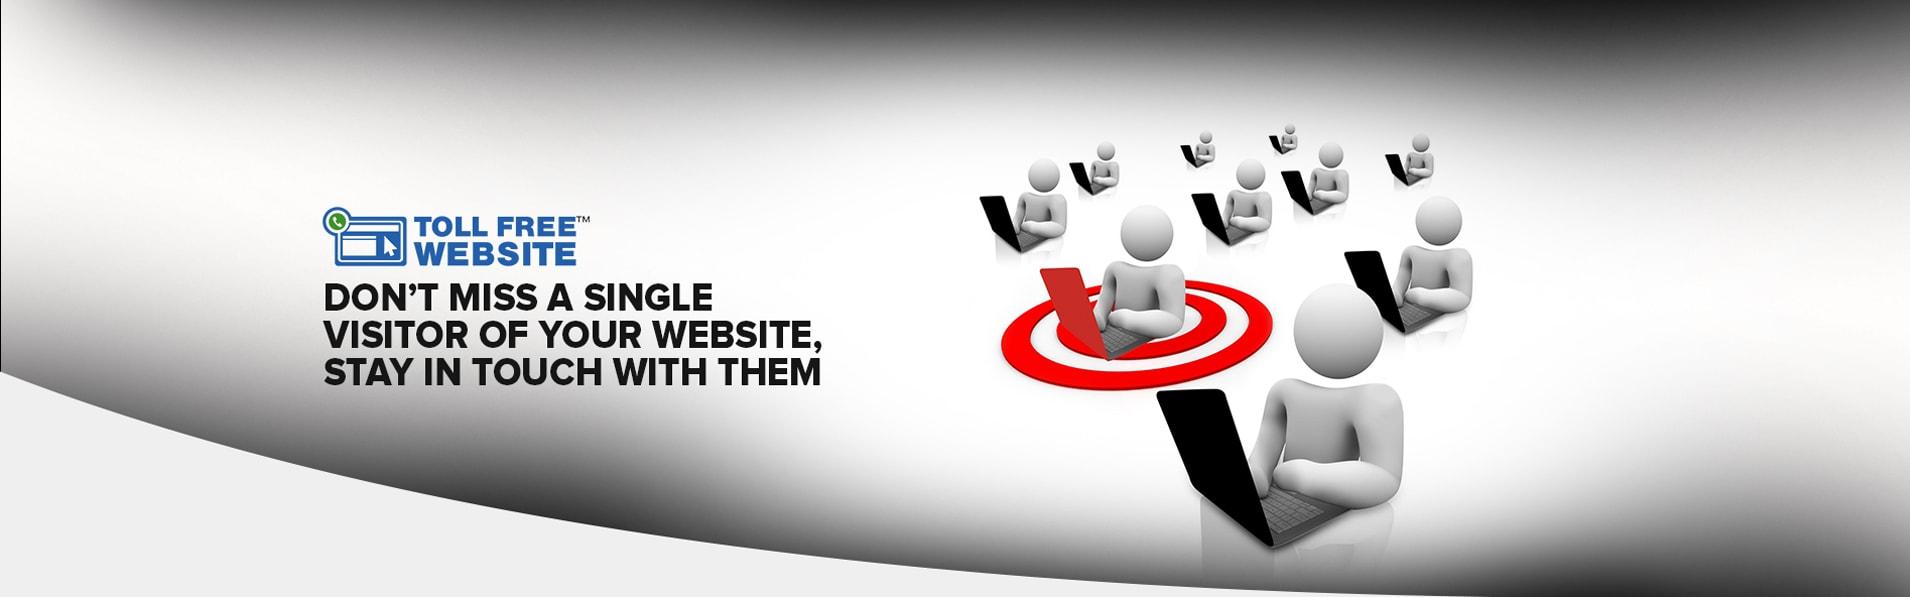 Toll free website- big v telecom